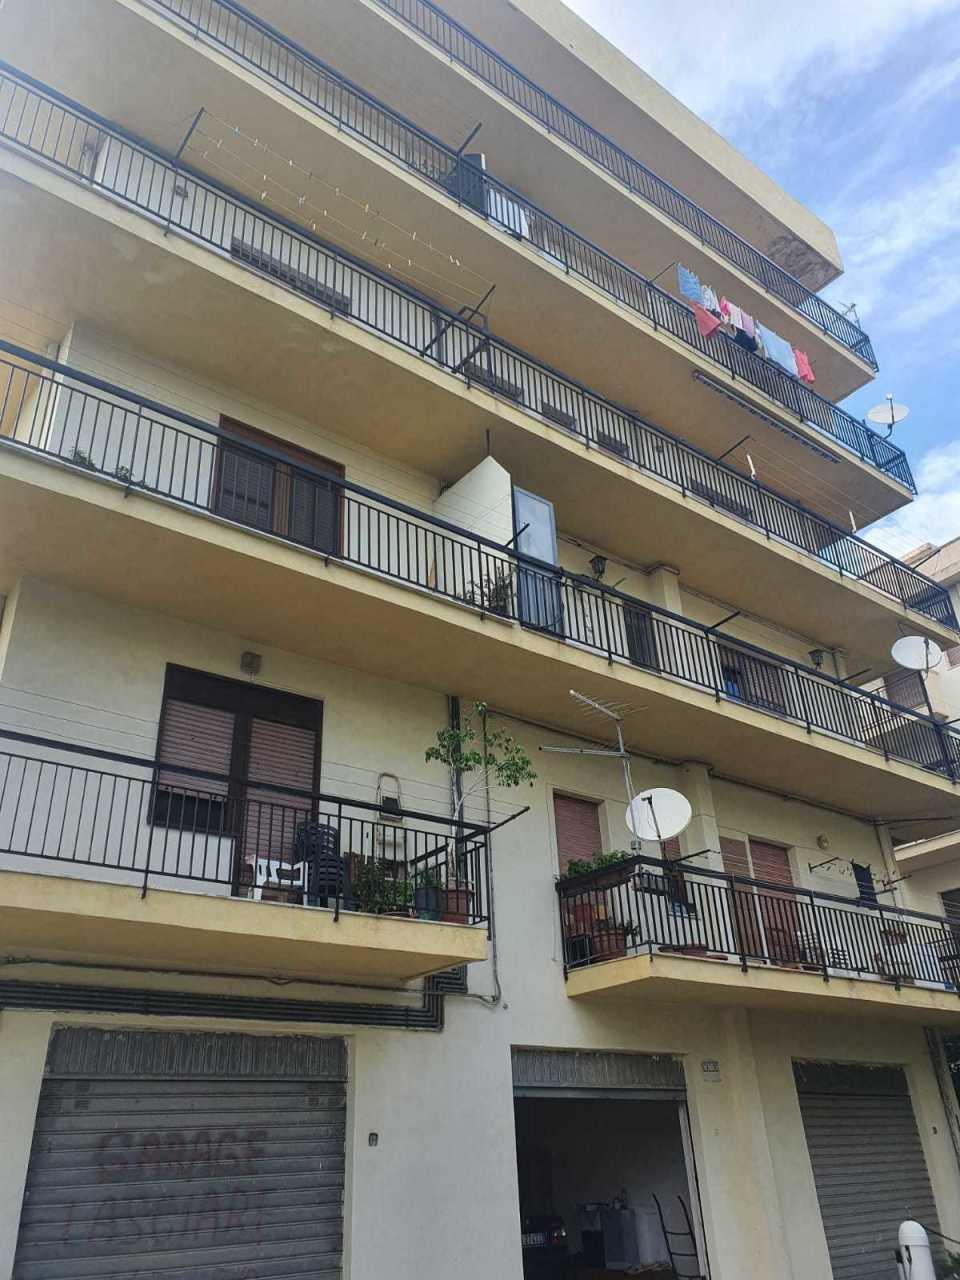 Appartamento in vendita a Reggio Calabria, 3 locali, prezzo € 88.000   CambioCasa.it